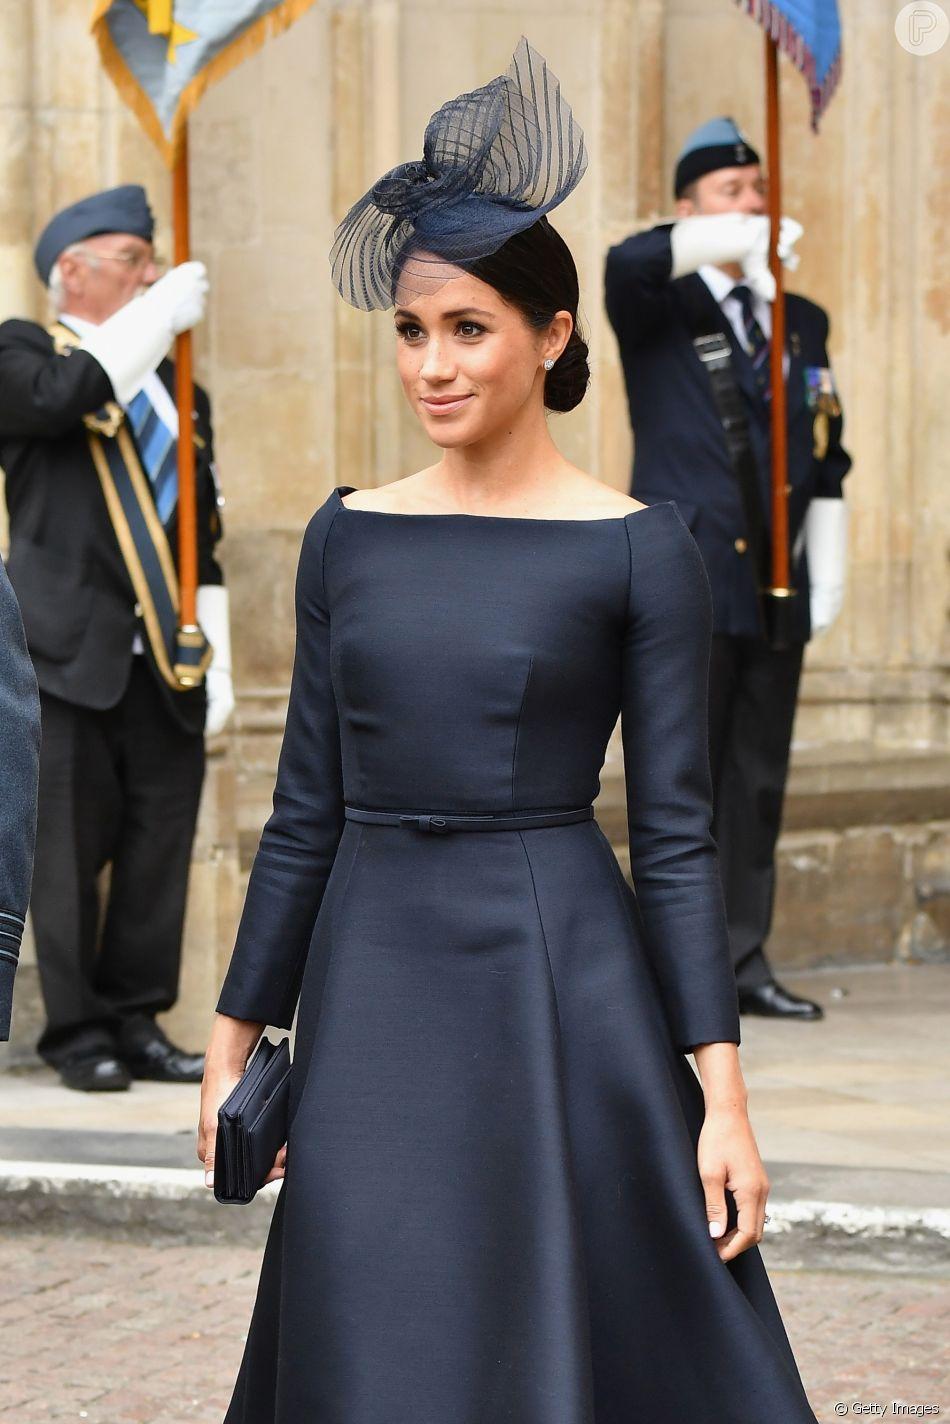 59ad69d228 O vestido ecolhido pela Duquesa de Sussex é Dior e tem decote canoa como o  modelo de seu csasamento